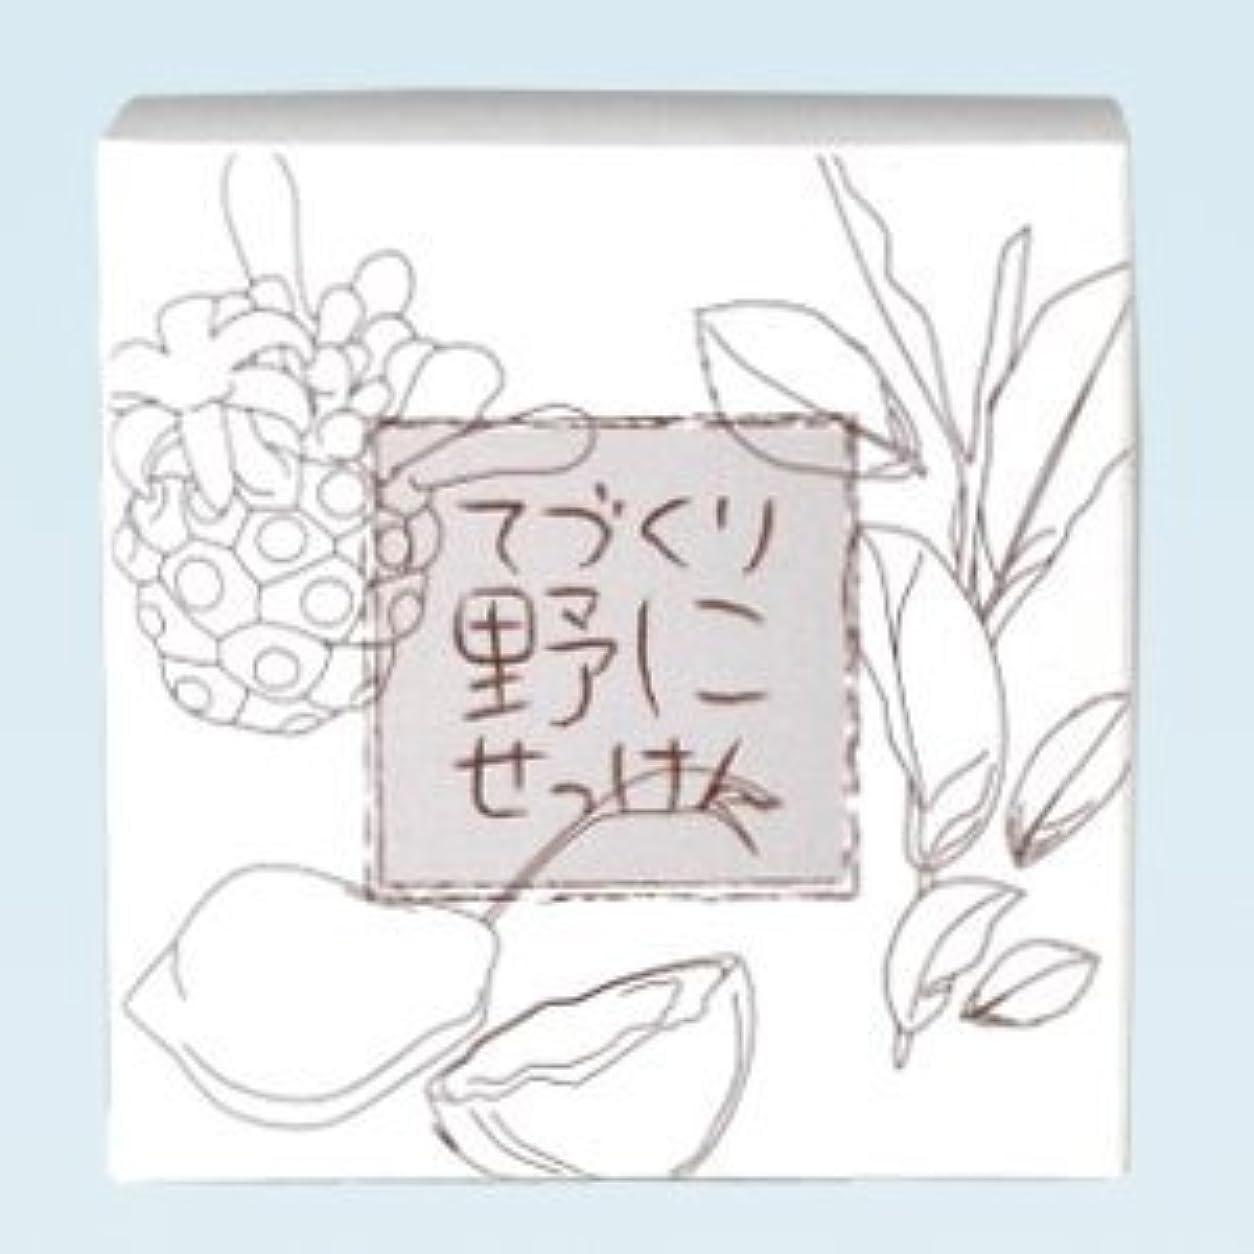 リットル特派員チャンバー緑茶 ノニ石鹸 てづくり野にせっけん(115g)